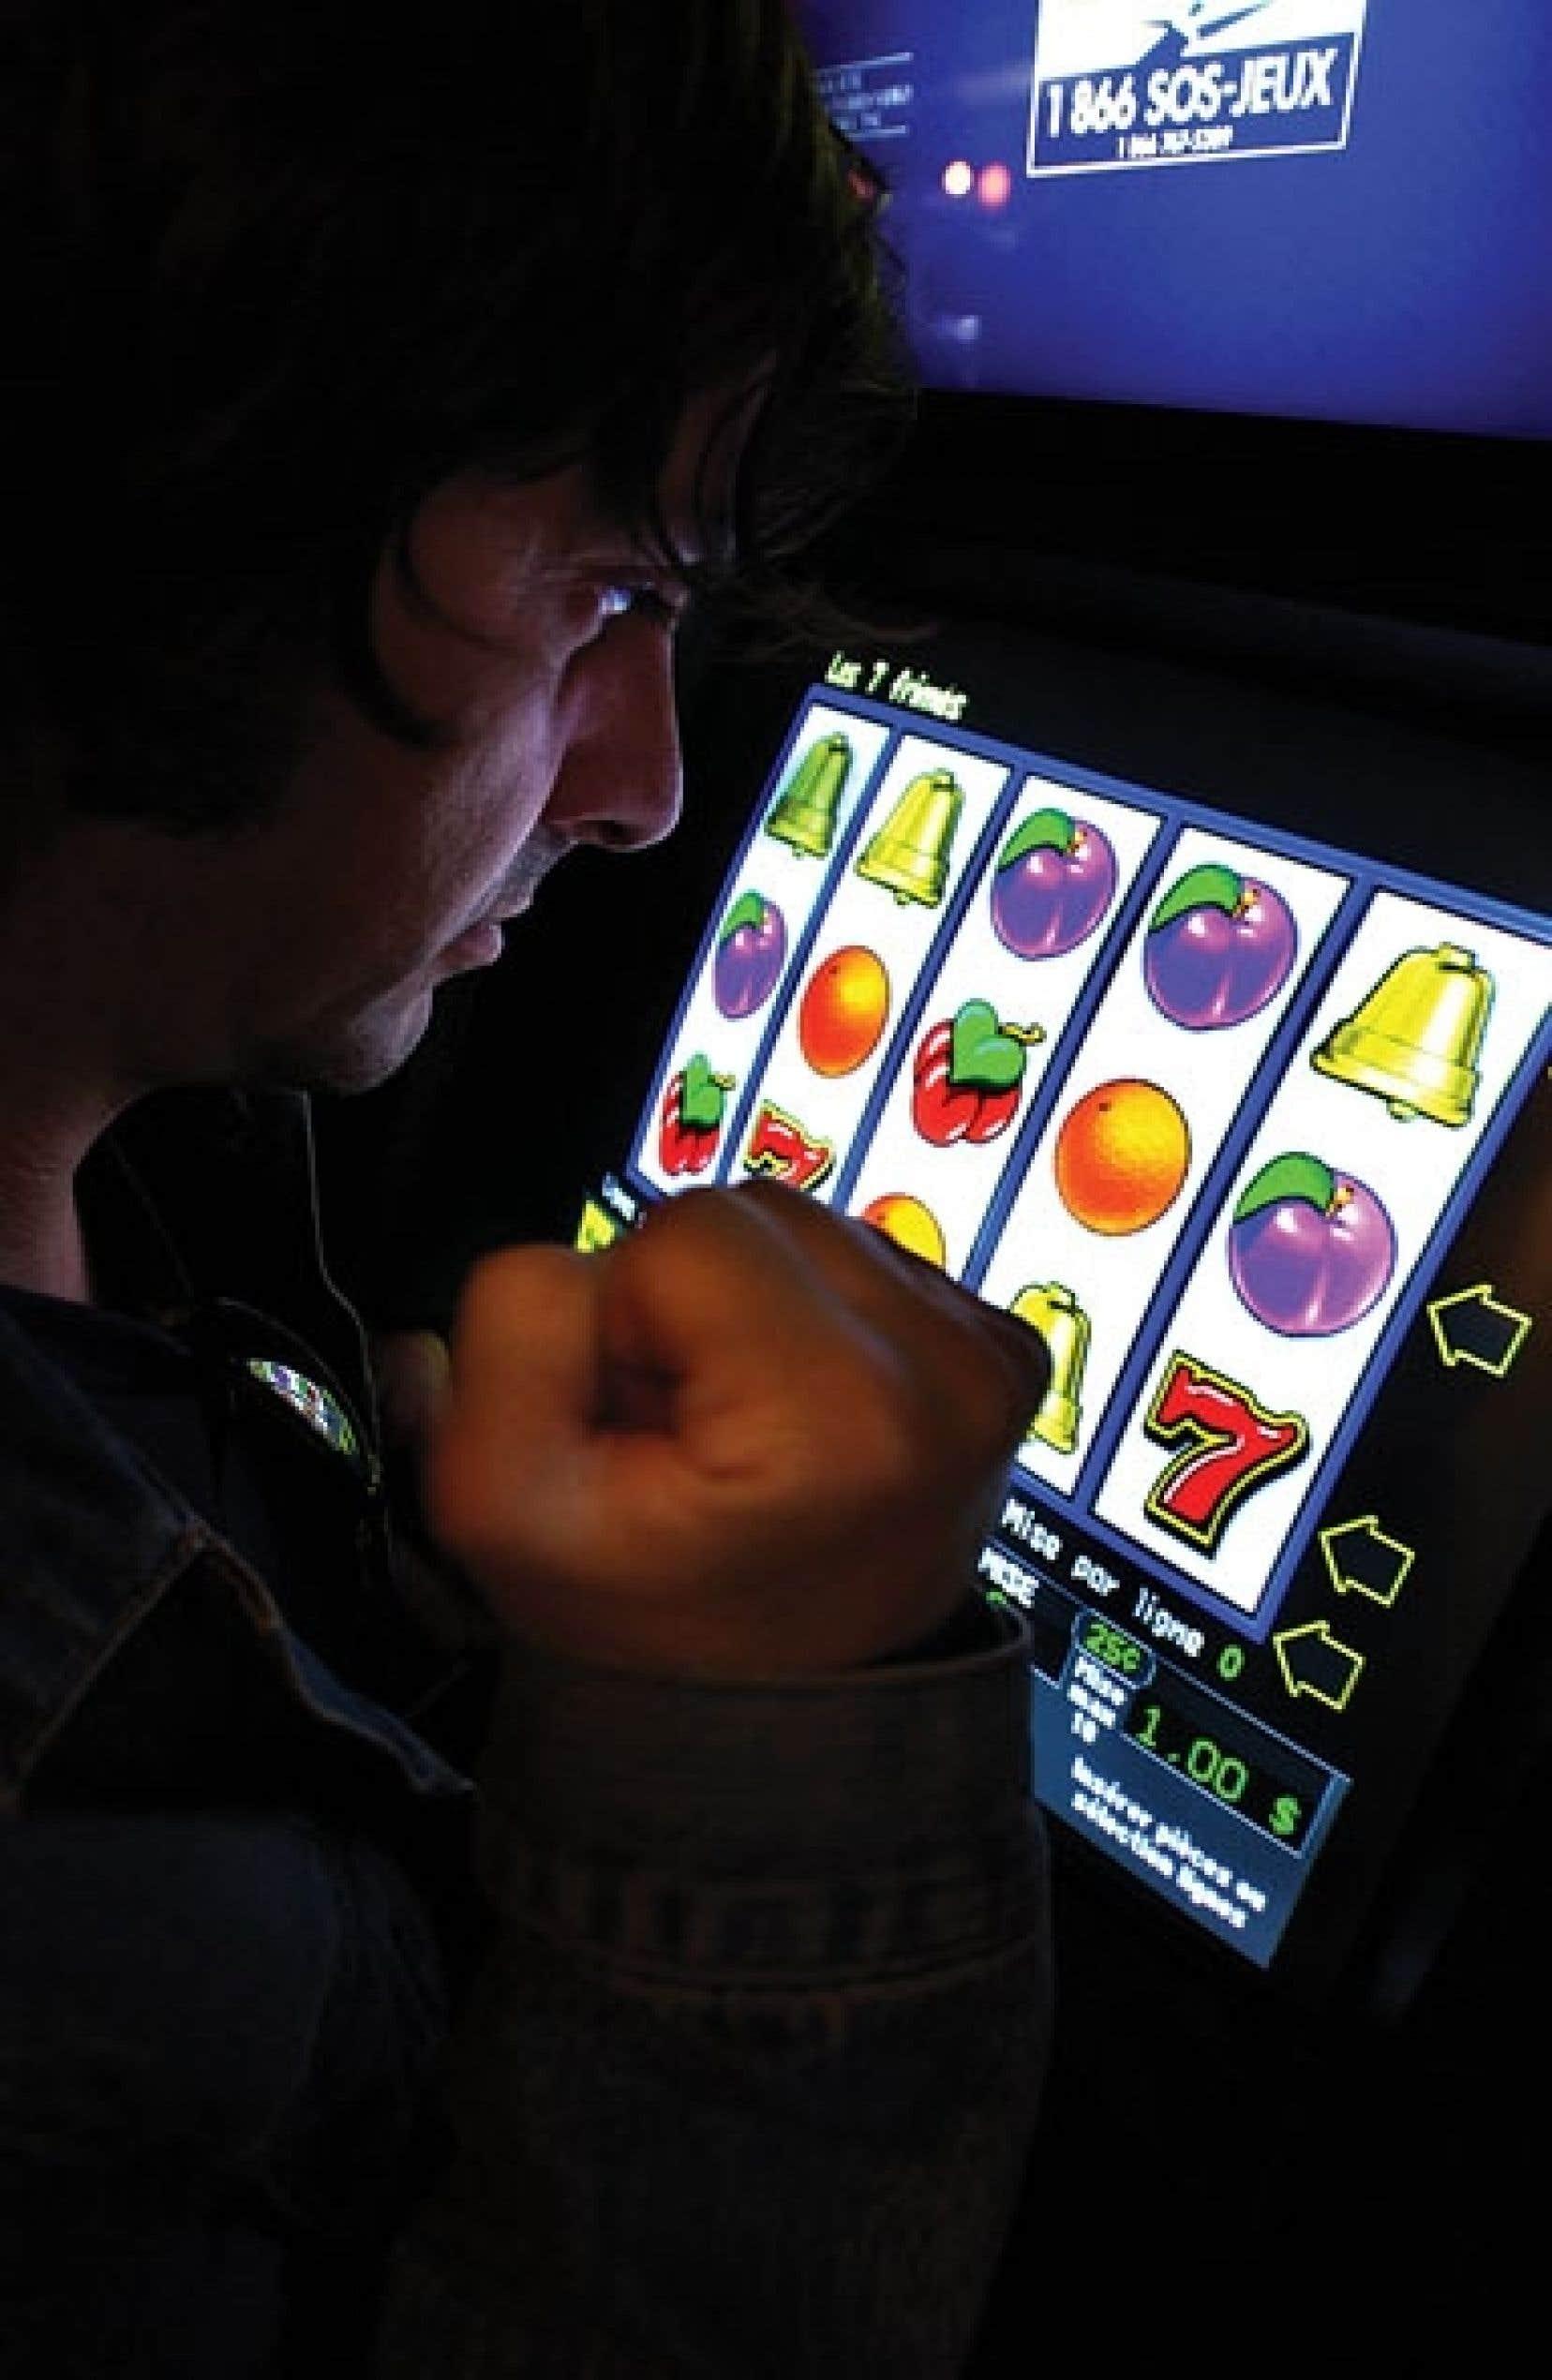 Le nombre total d'appareils de loterie vidéo peut désormais atteindre 12000 au Québec.